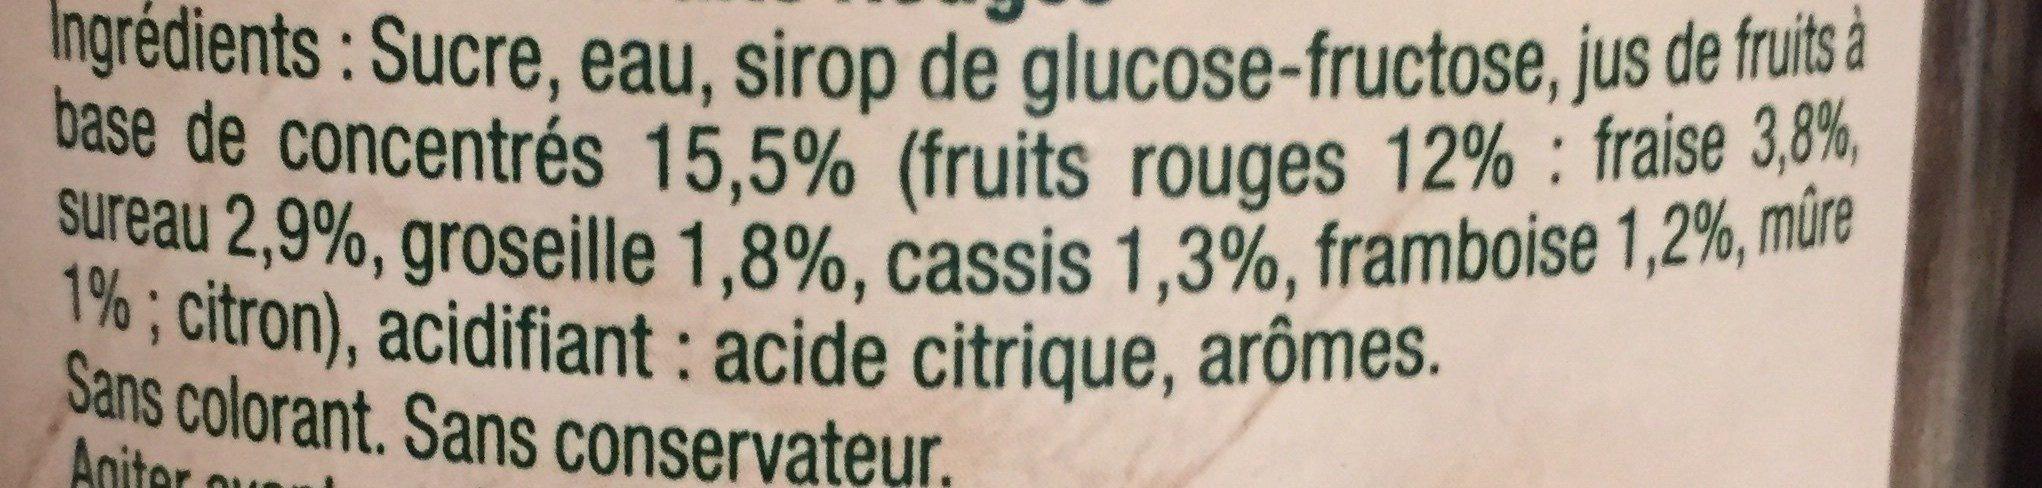 Cocktail de fruits rouges - Ingrédients - fr